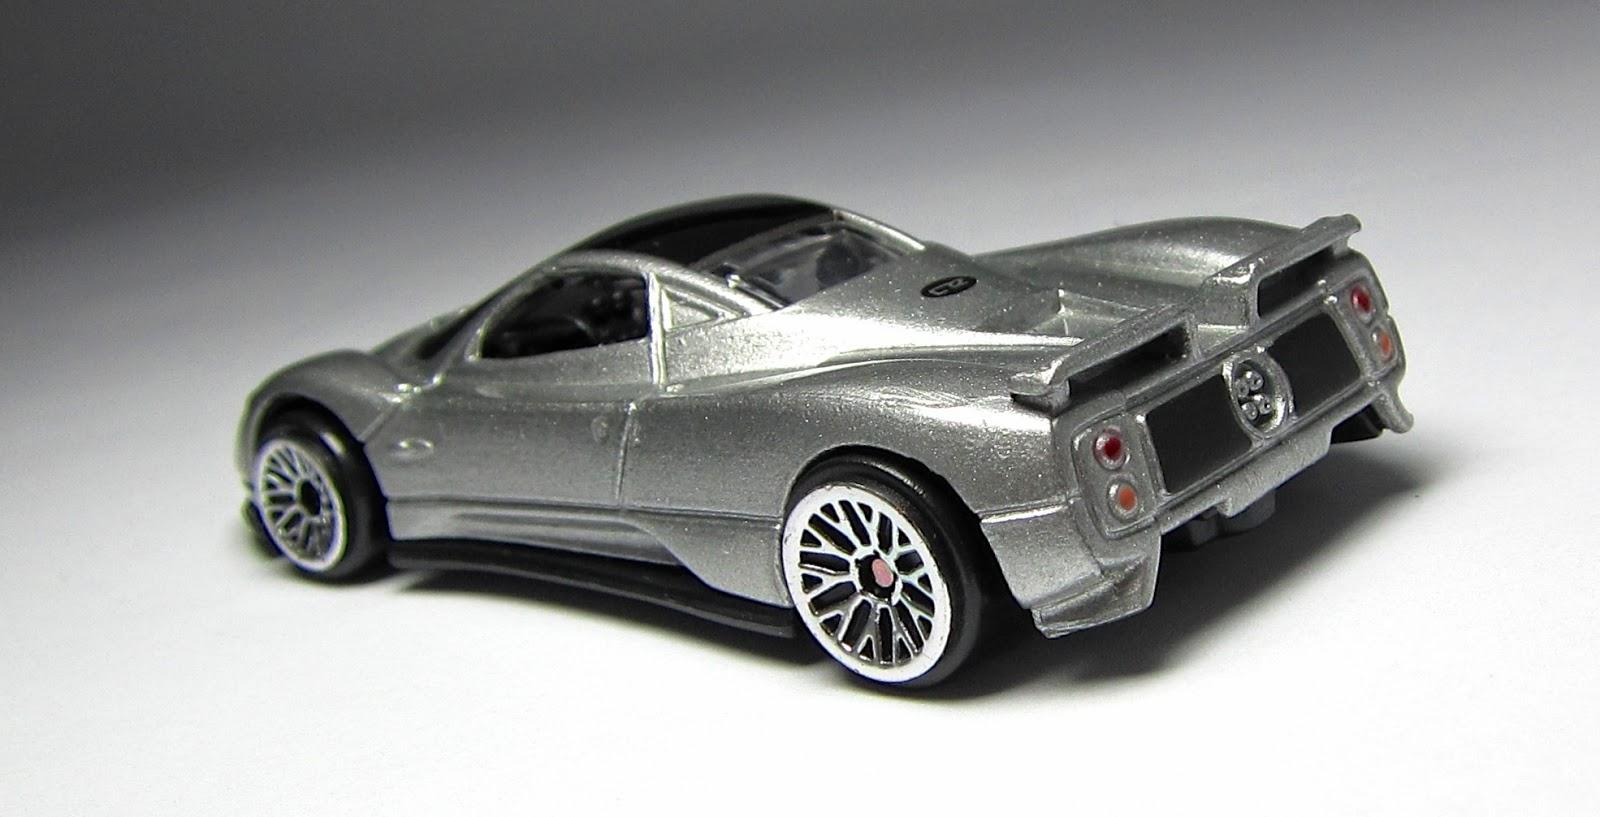 Model Of The Day: Motor Max Pagani Zonda C12u2026